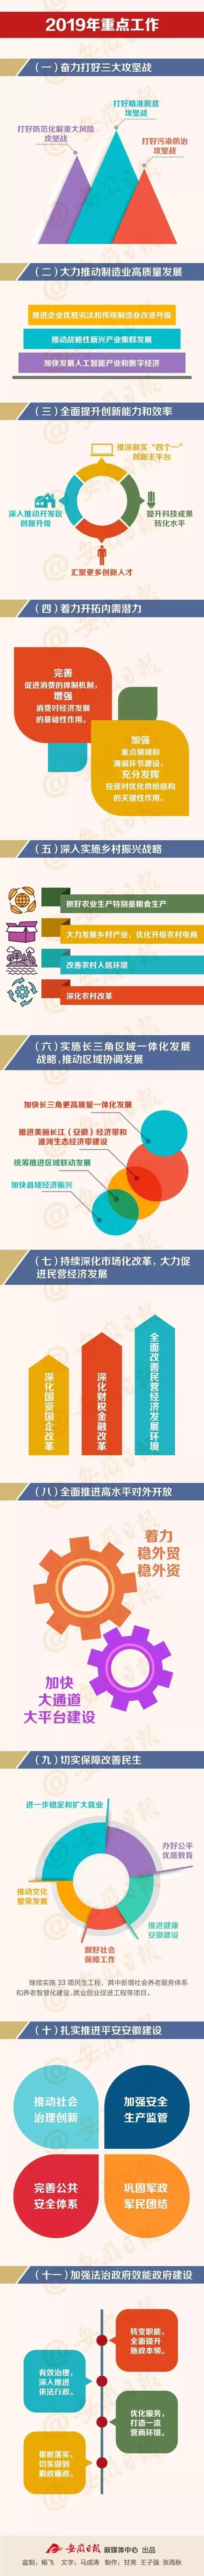 图说2019年安徽省政府工作报告.jpg